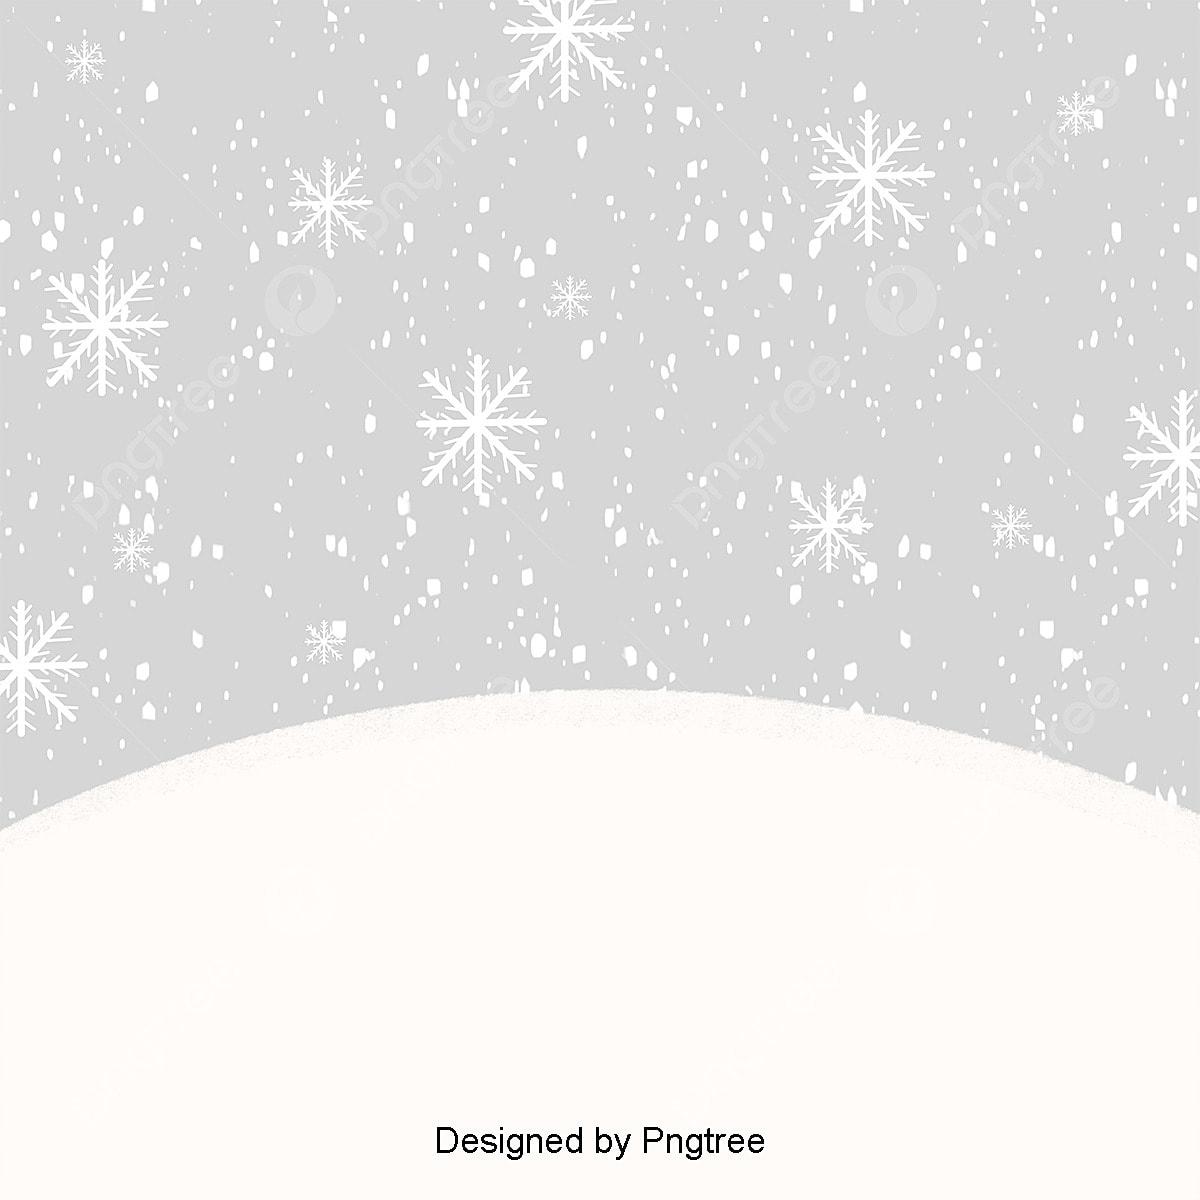 かわいい壁紙 可愛い 壁紙 漫画画像とpsd素材ファイルの無料